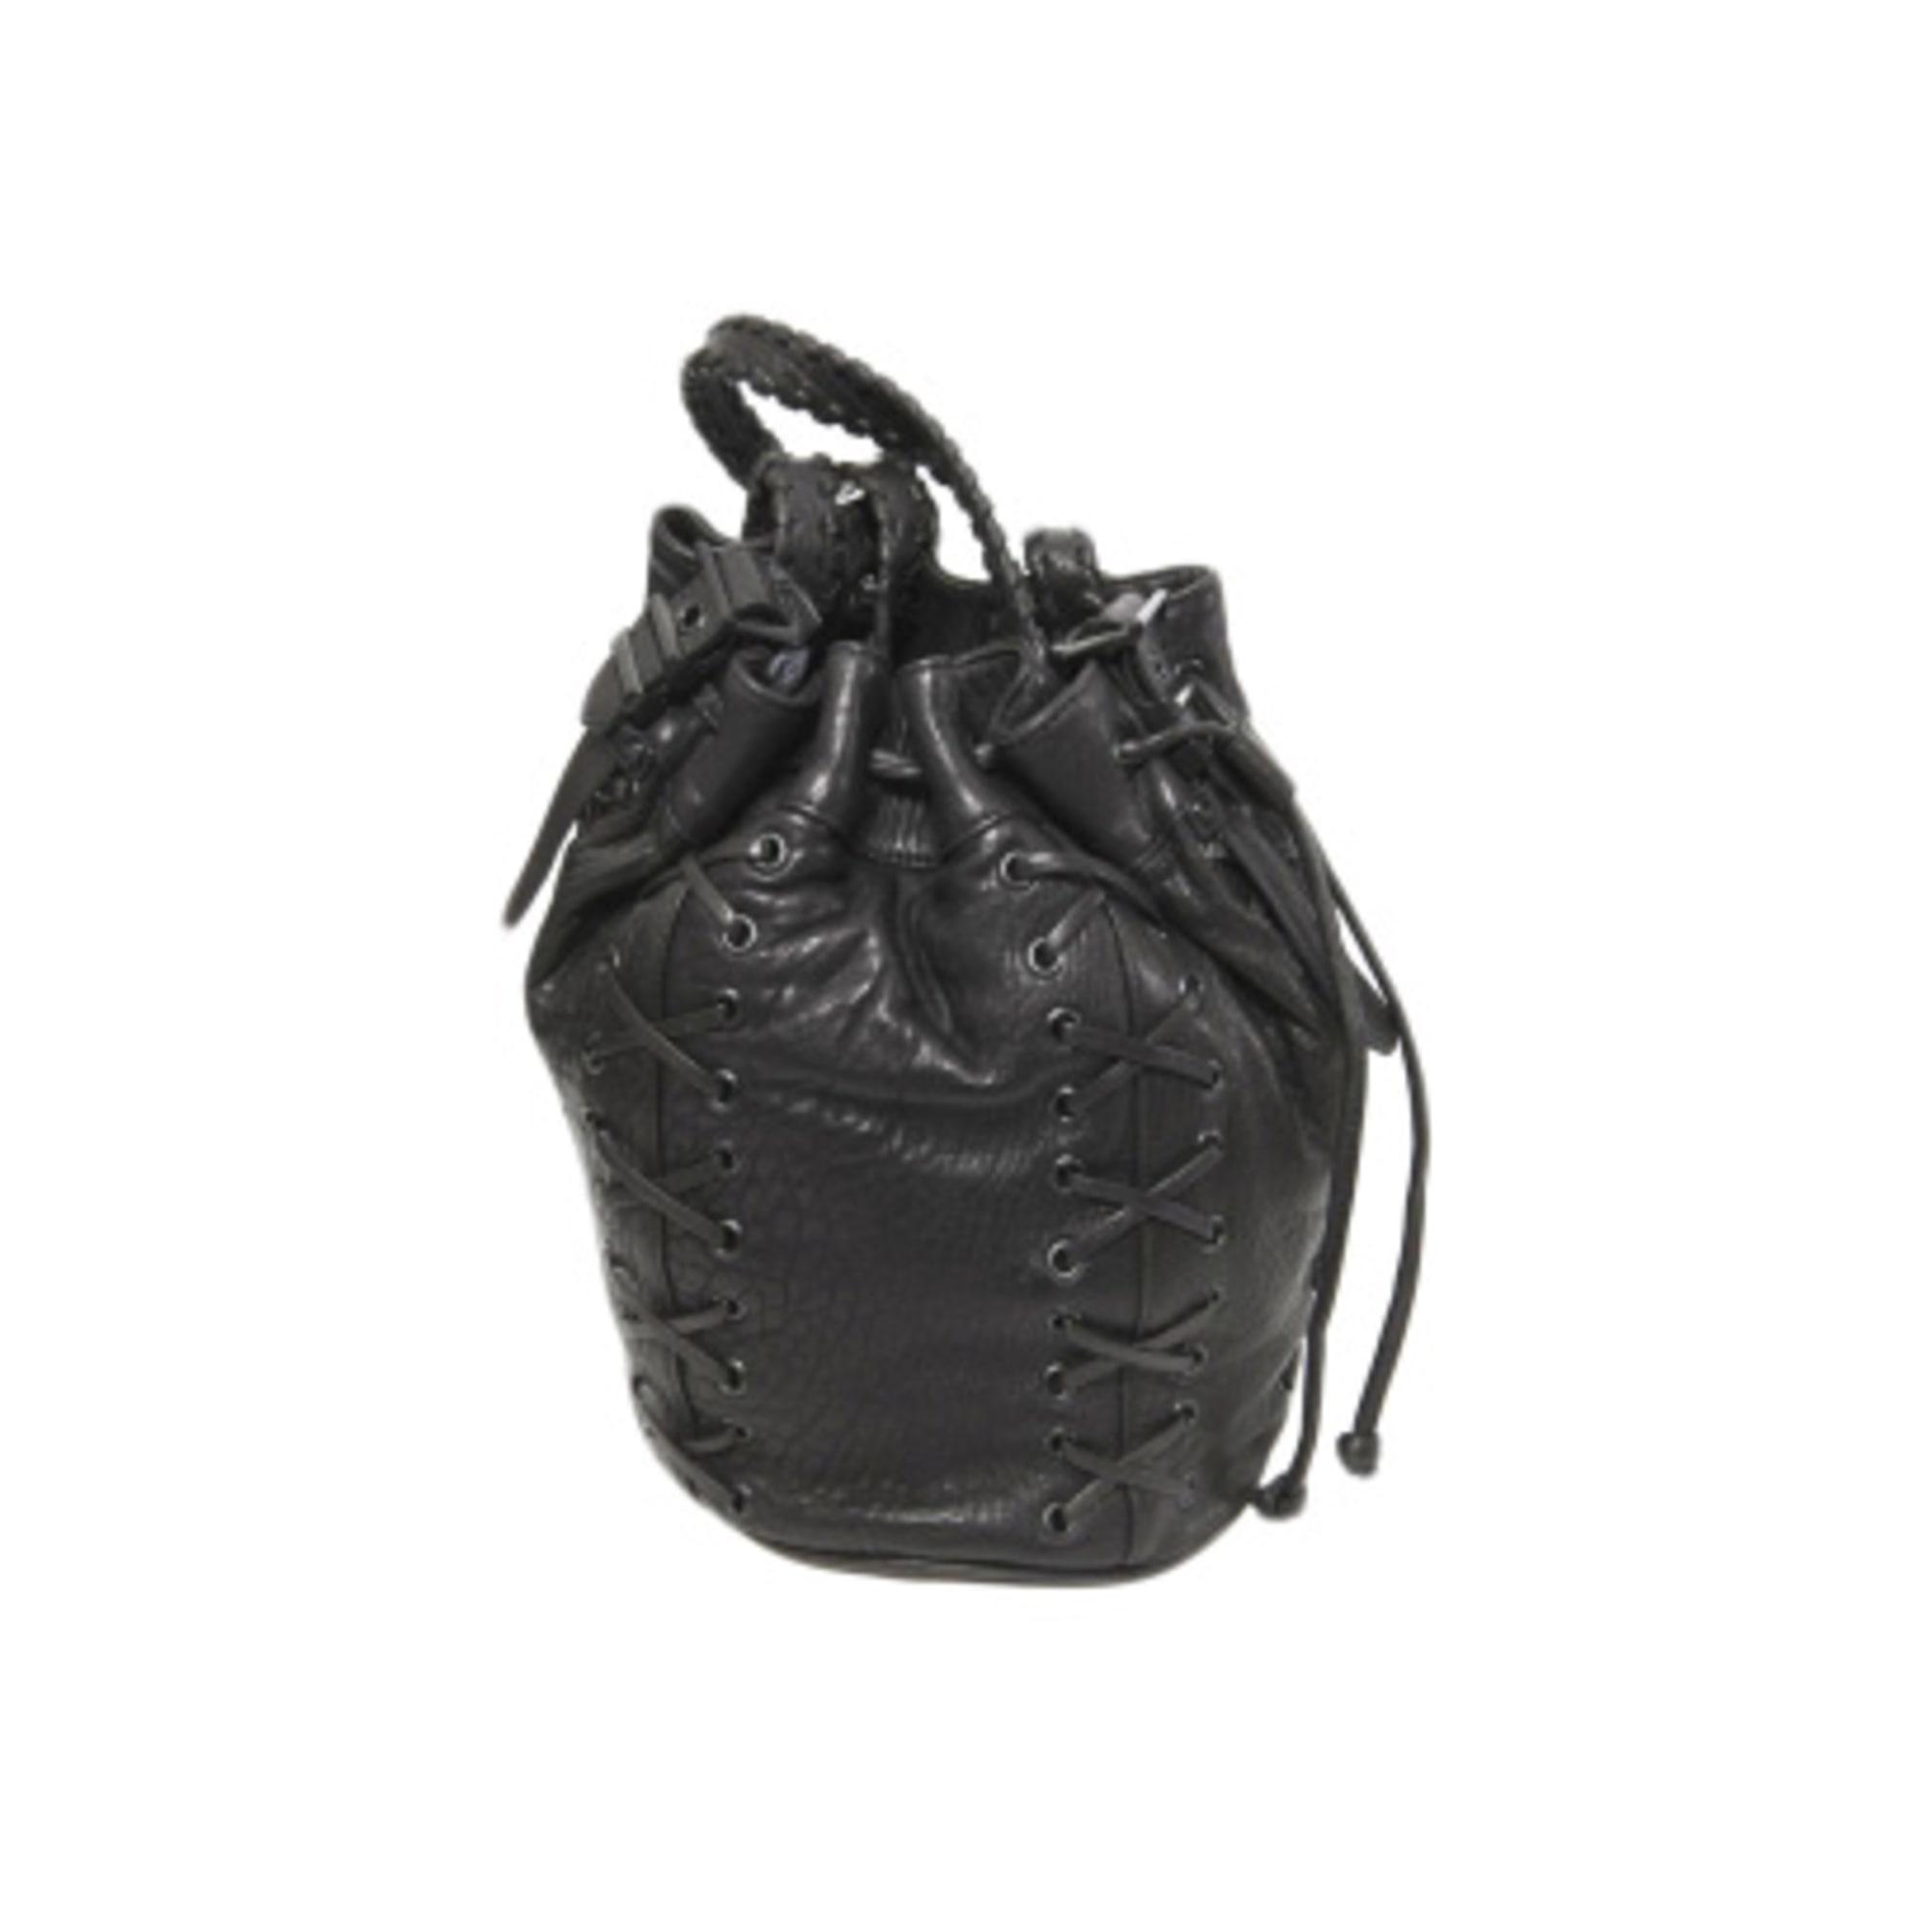 f27841e28a Sac à main en cuir THE KOOPLES noir vendu par Shopname519258 - 1780383